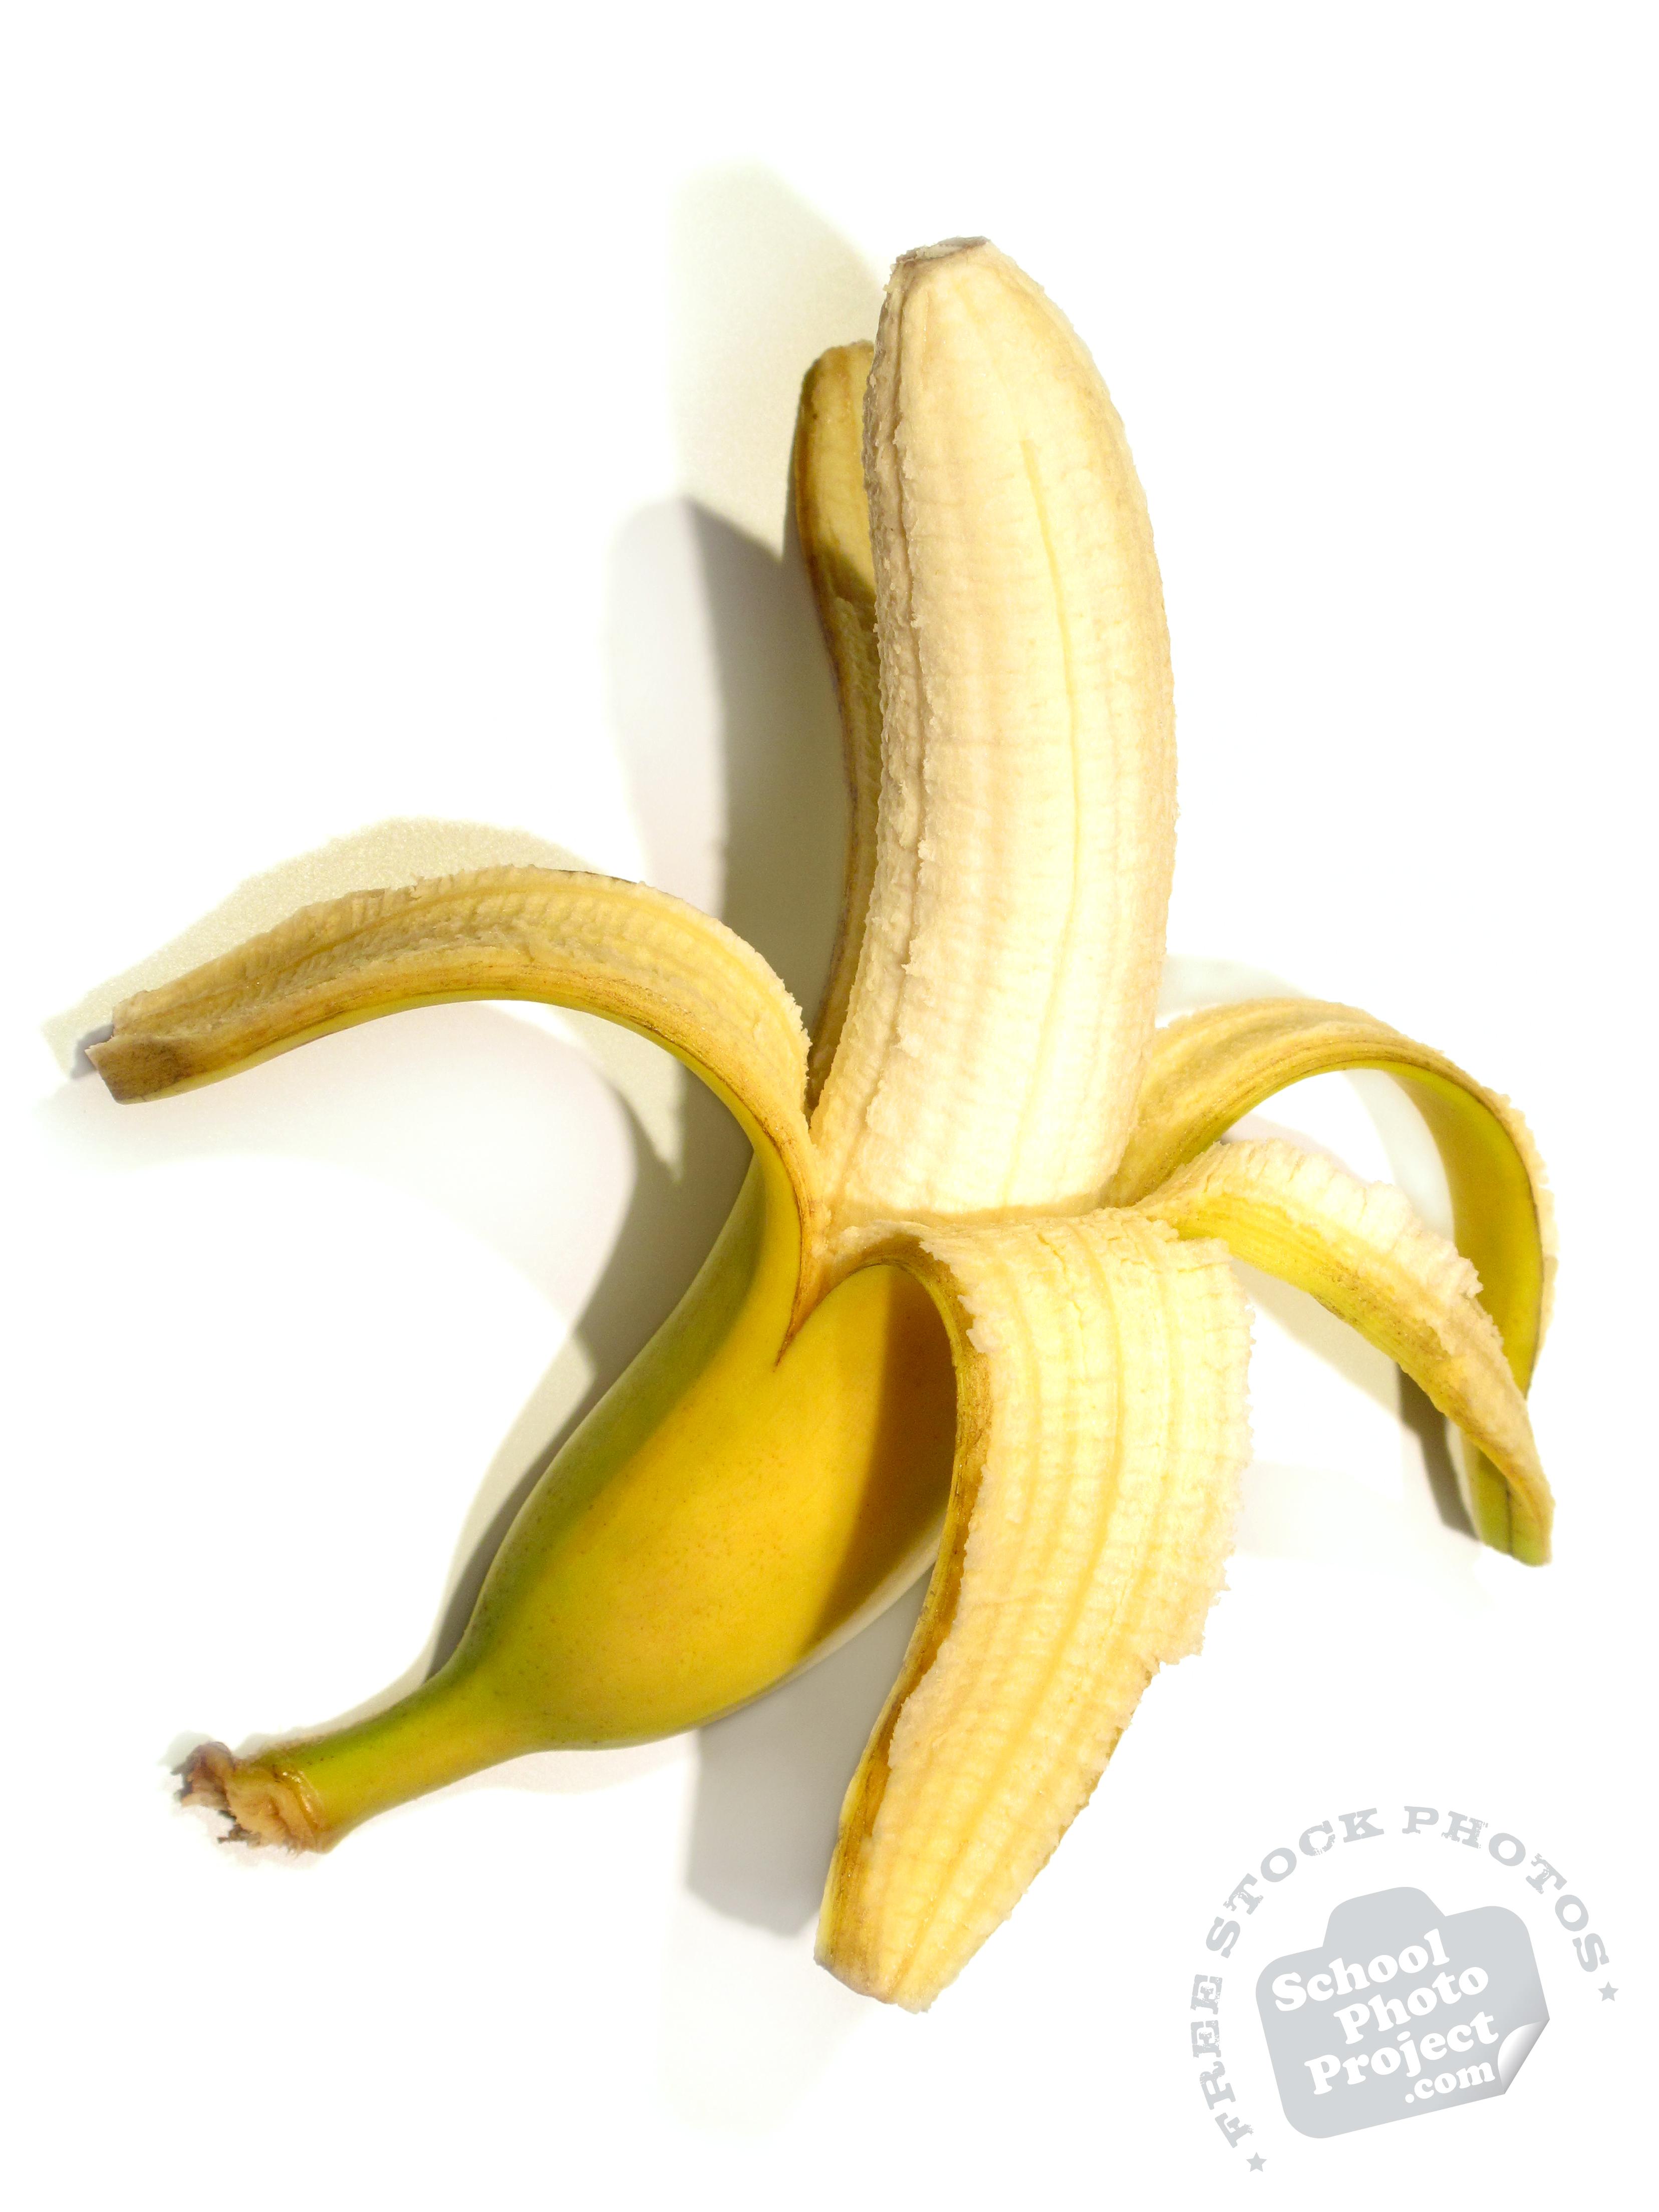 Член в кожуру от банана 8 фотография